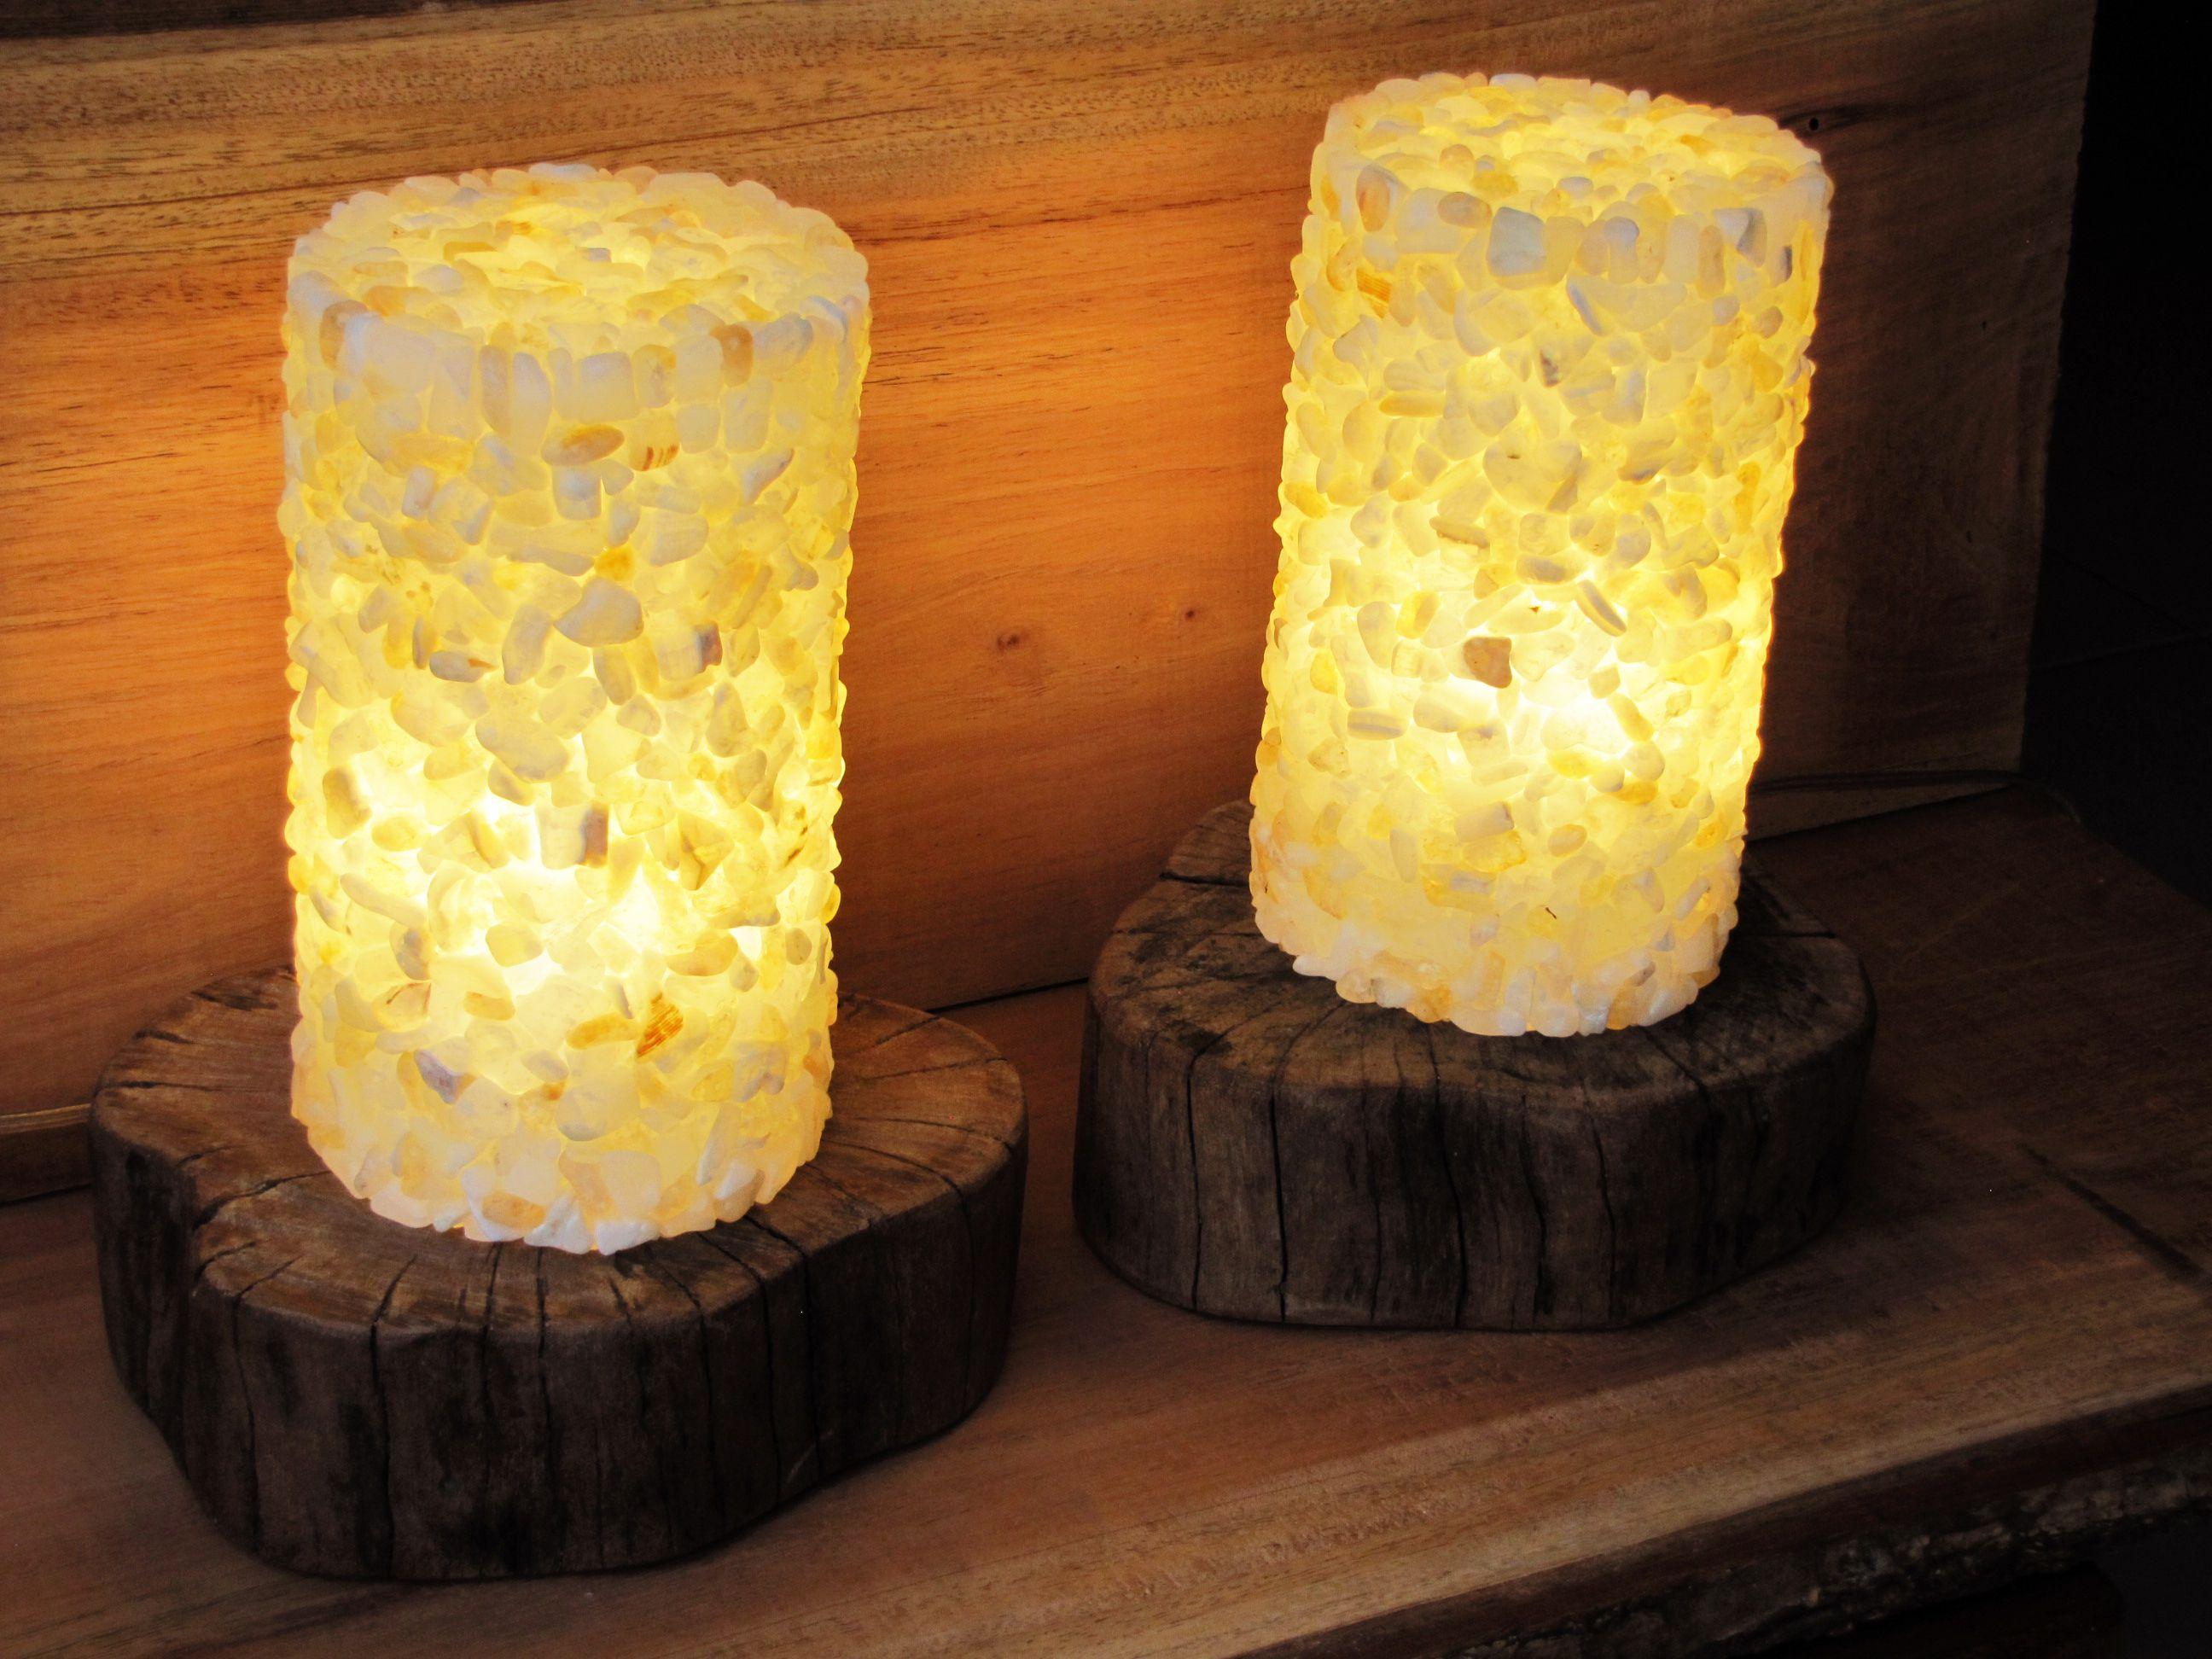 Luminárias cilíndricas que tem como base o reaproveitamento de pequenos troncos de madeira. No revestimento musivo das mesmas, foi utilizada uma harmoniosa mistura de pedras roladas (ônix e citrino). Para iluminação interna, lâmpadas do tipo LED, com menor consumo energético e baixo aquecimento.  Medidas aproximadas: 22cm (diâmetro da base) x 29cm (altura).